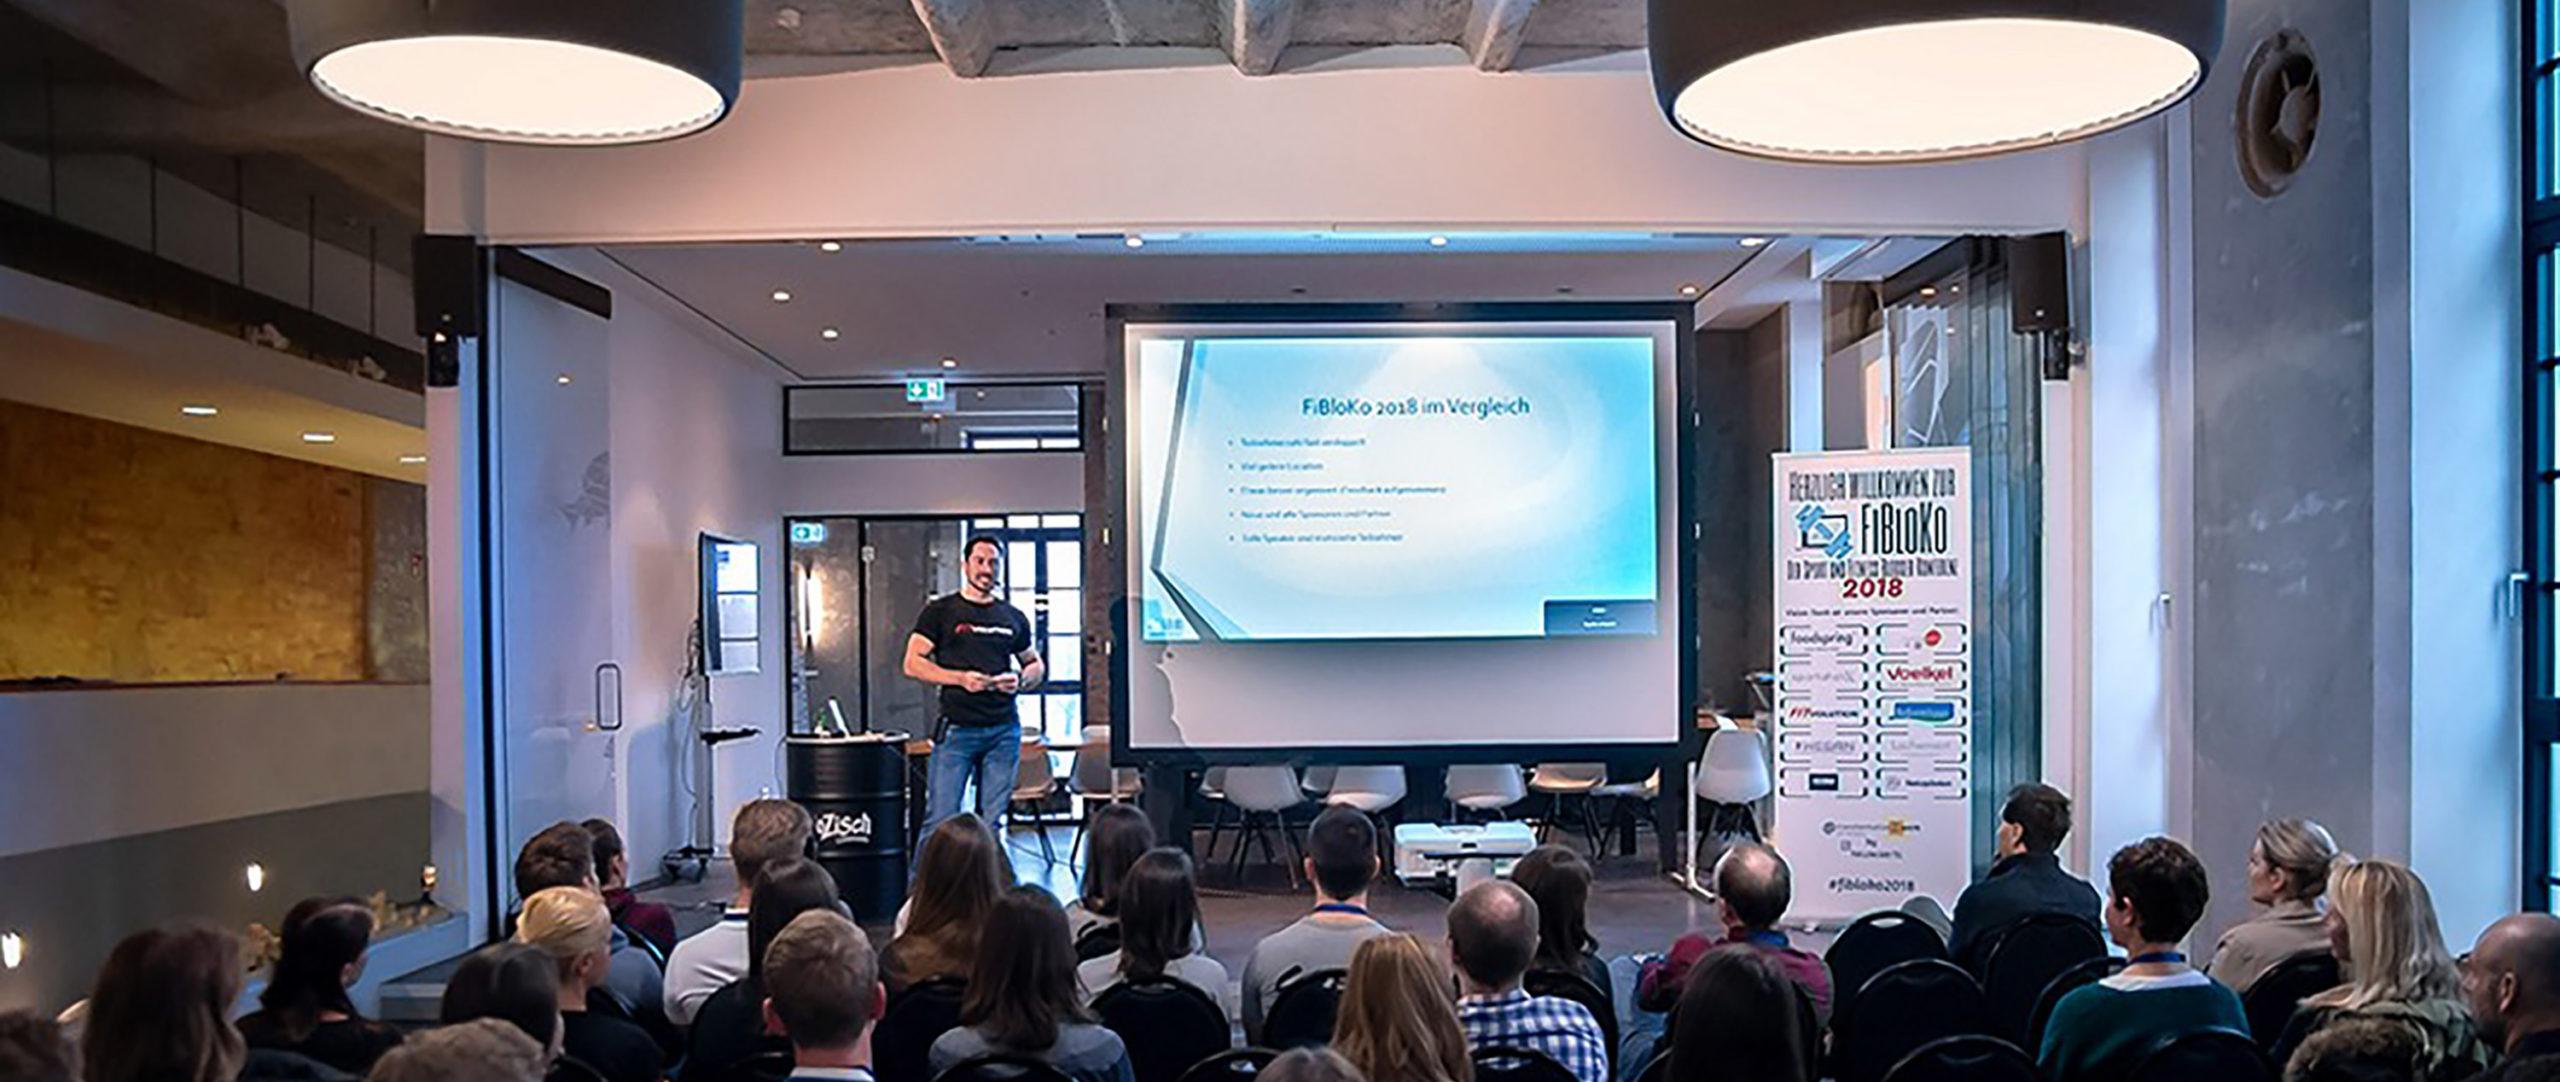 FiBloKo die Sport und Fitness Blogger Konferenz